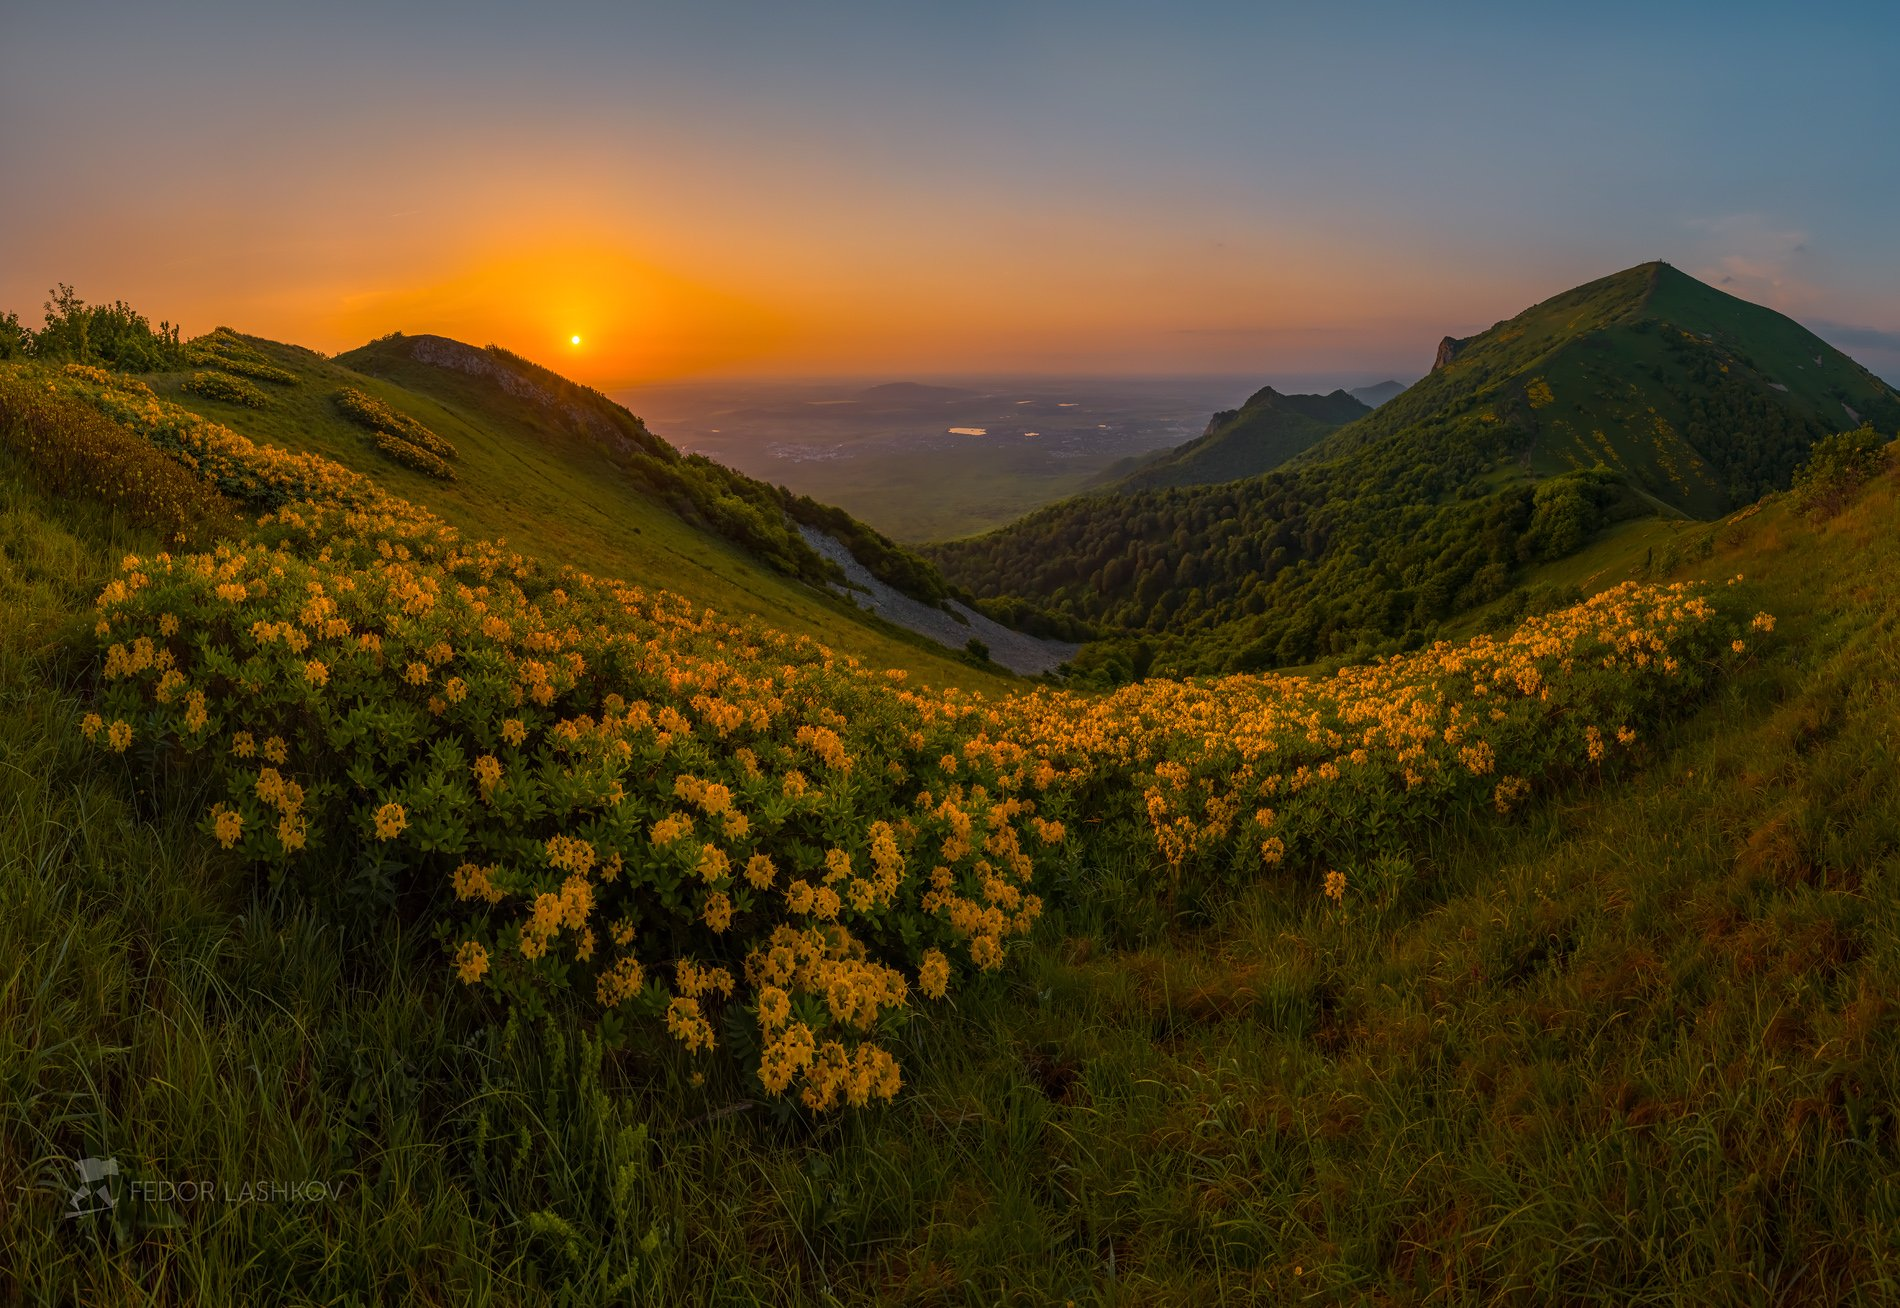 Фото Золотые цветы - рододендроны на склонах гор Бештау и Малый Тау весенним рассветом, Ставрополье, фотограф Лашков Федор